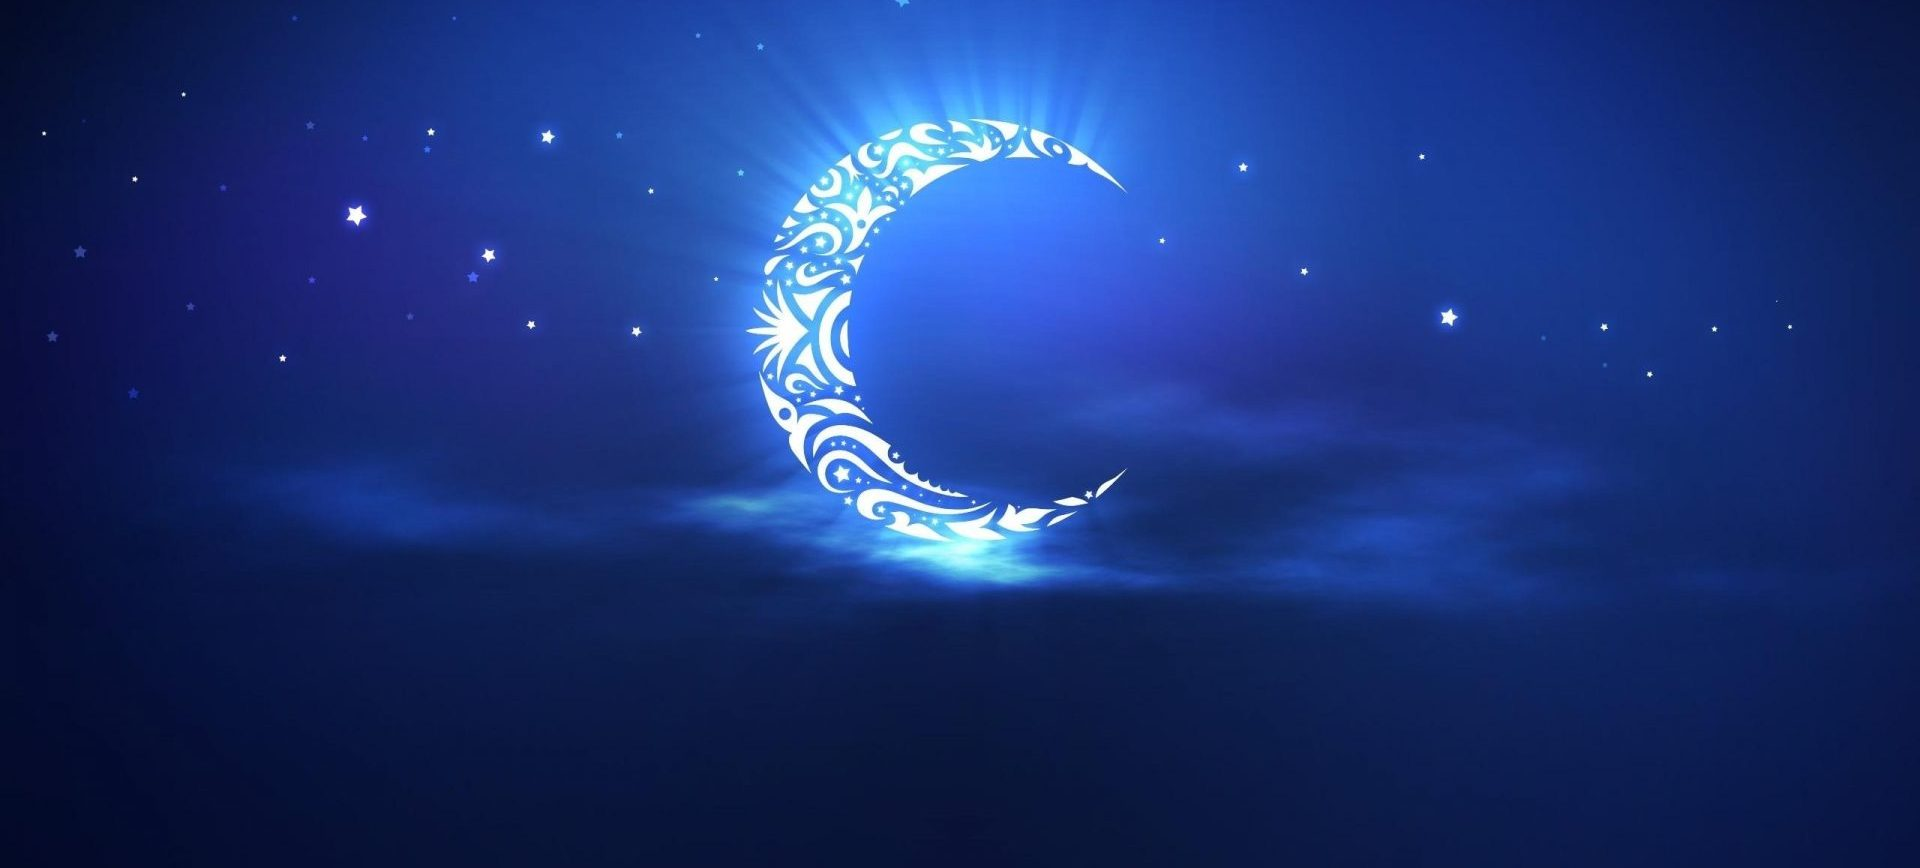 Luna cresiente 2016 fmdos cl semana de luna creciente en for Cuarto menguante de la luna